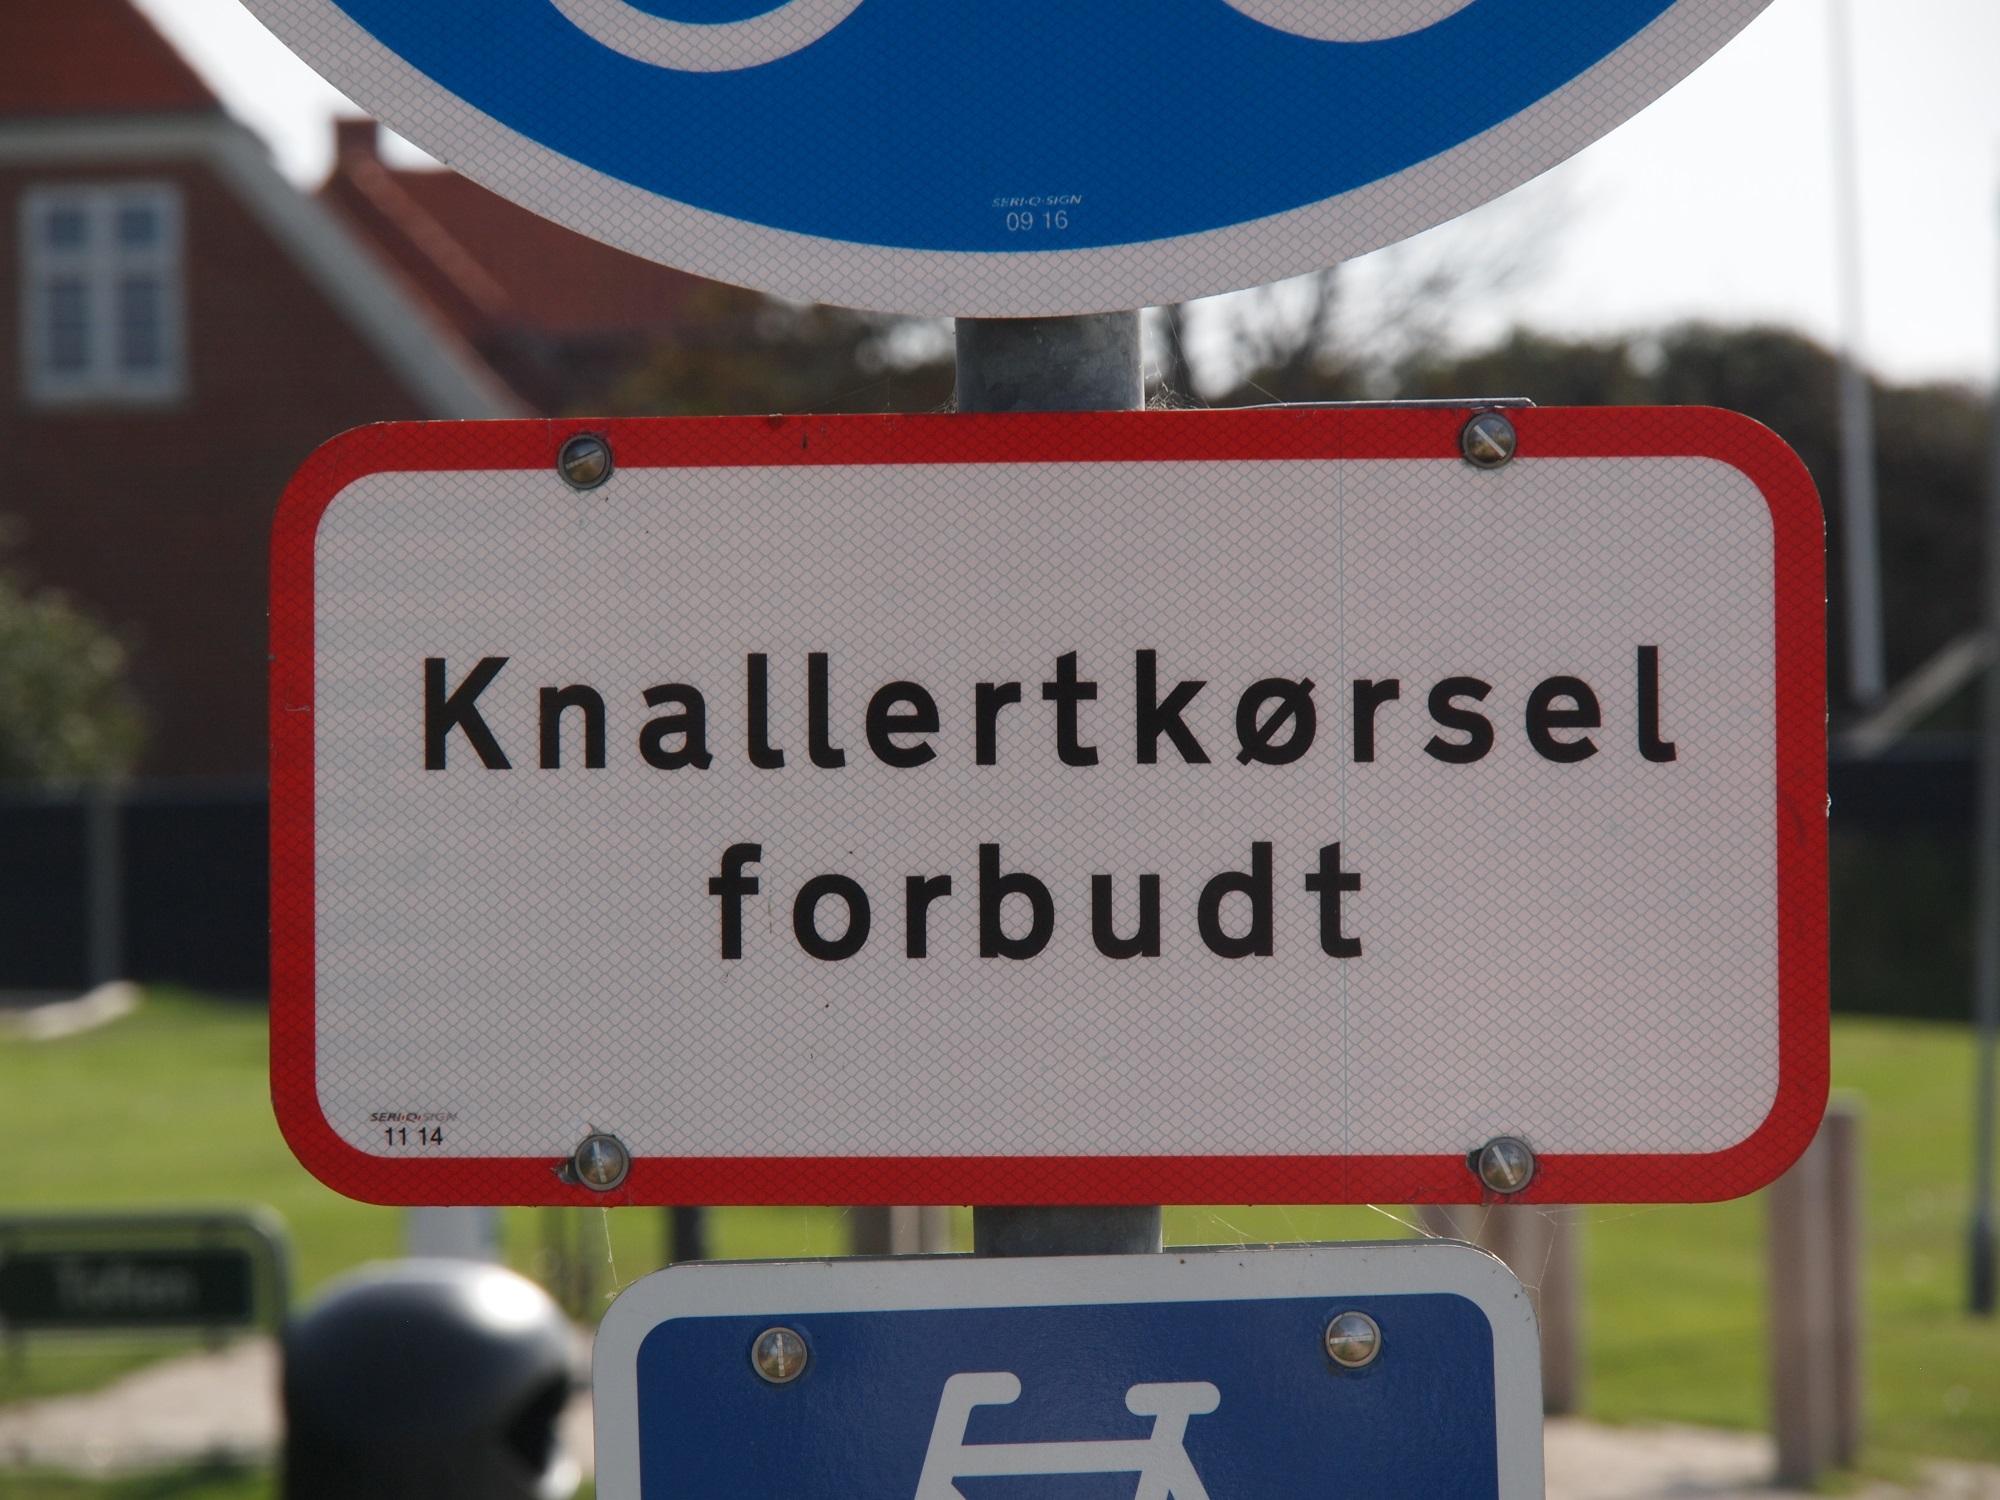 Schilder an Dänemarks Strassen – Knallertkørsel forbudt